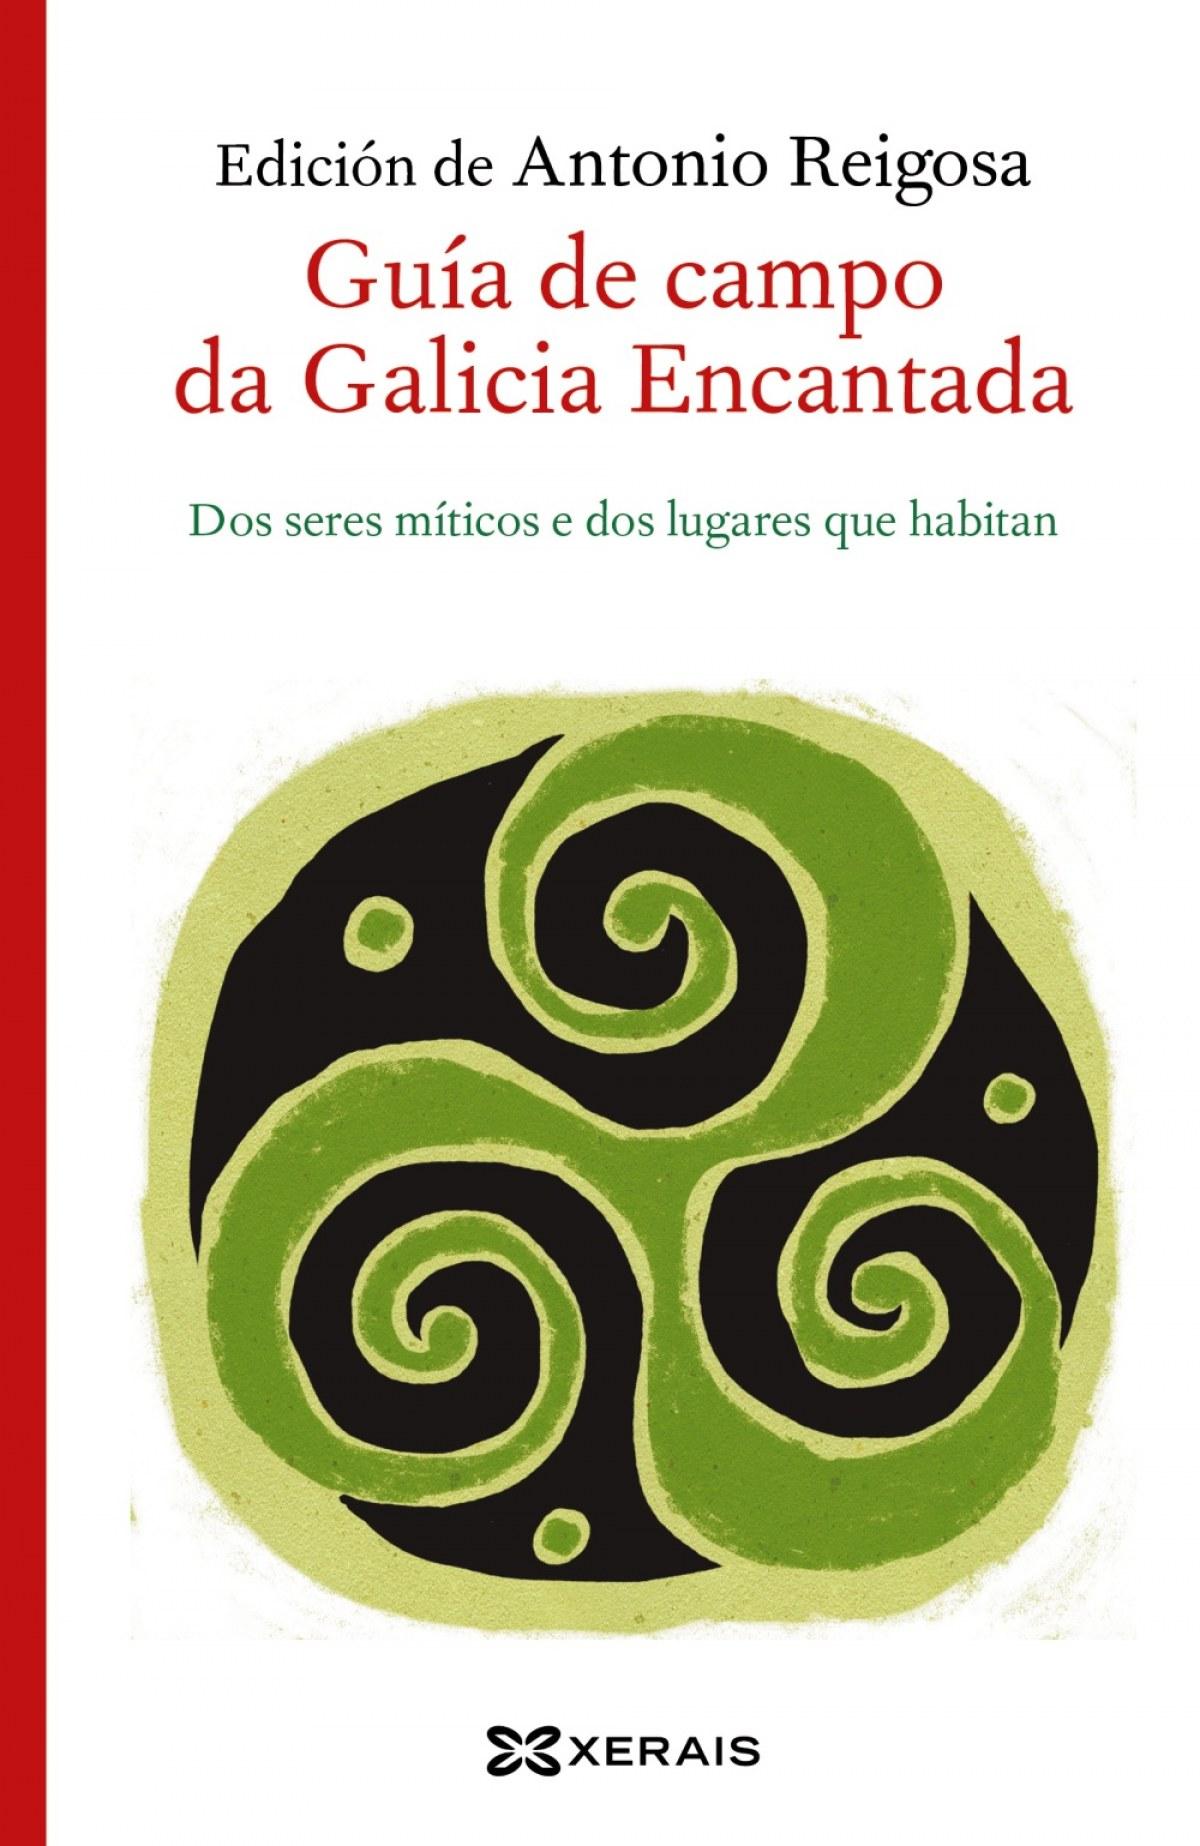 Gu¡a de campo da Galicia Encantada 9788491216469